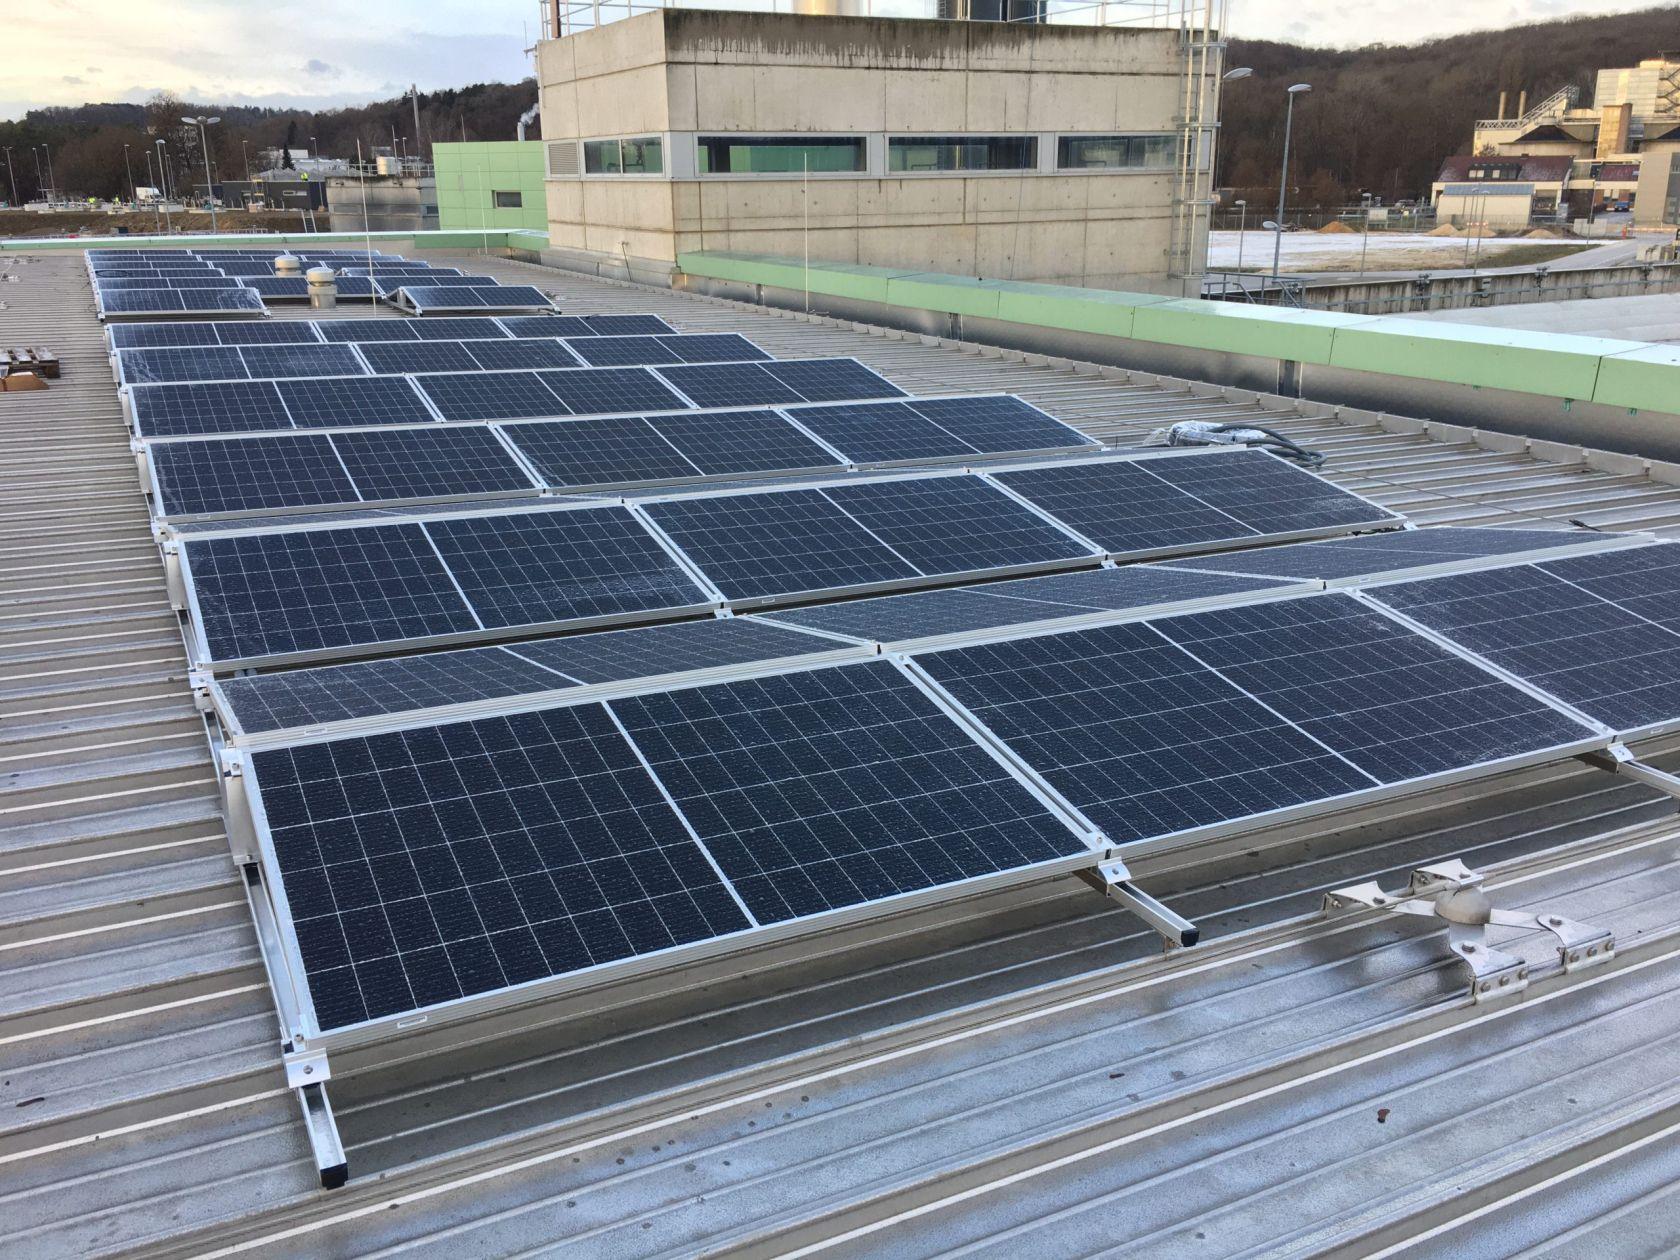 Photovoltaik Platten auf dem Dach des Sandfilters